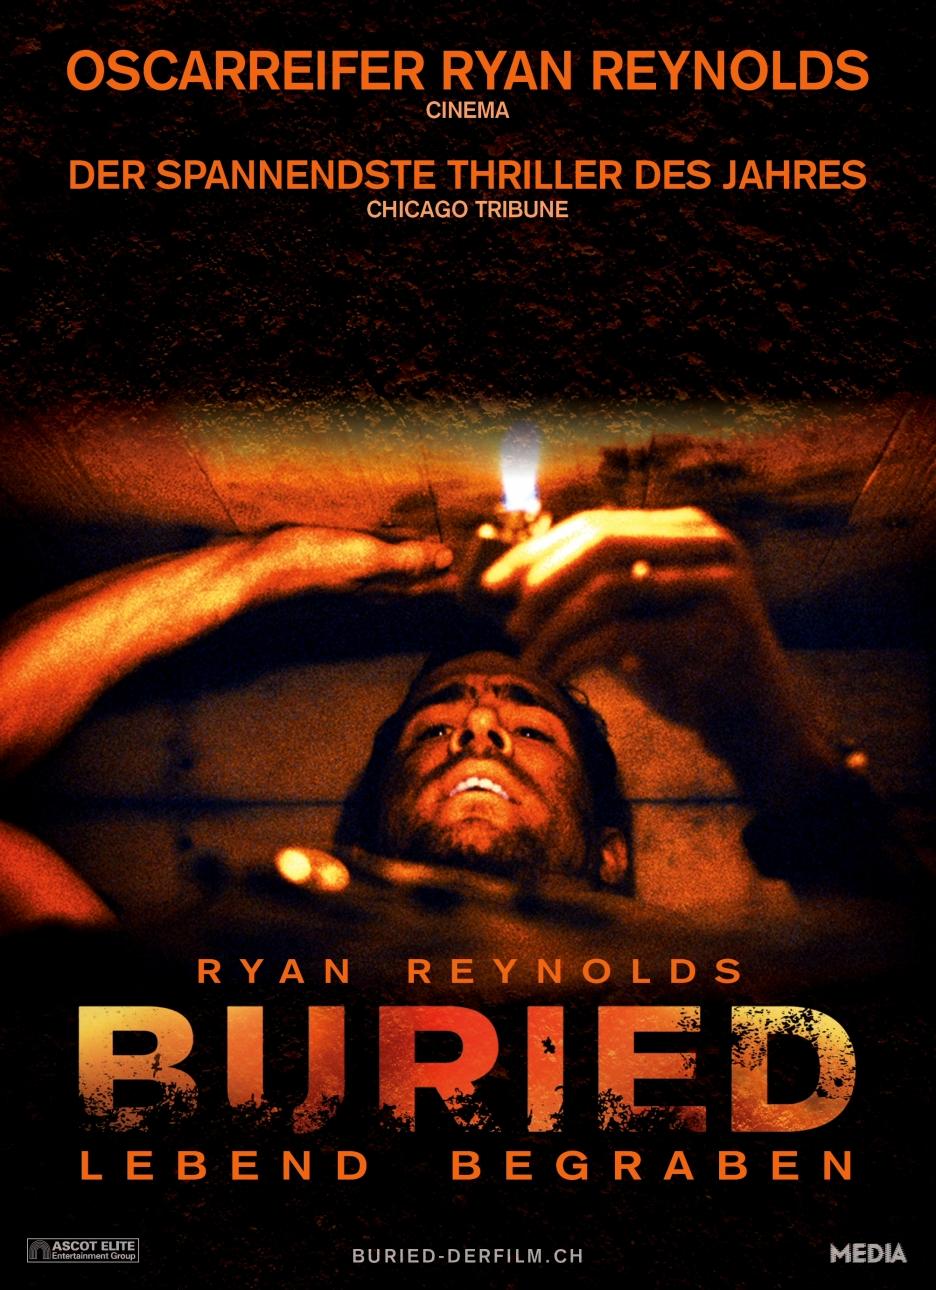 Buried คนเป็นฝังทั้งเป็น - ดูหนังใหม่,หนัง HD,ดูหนังออนไลน์,หนังมาสเตอร์